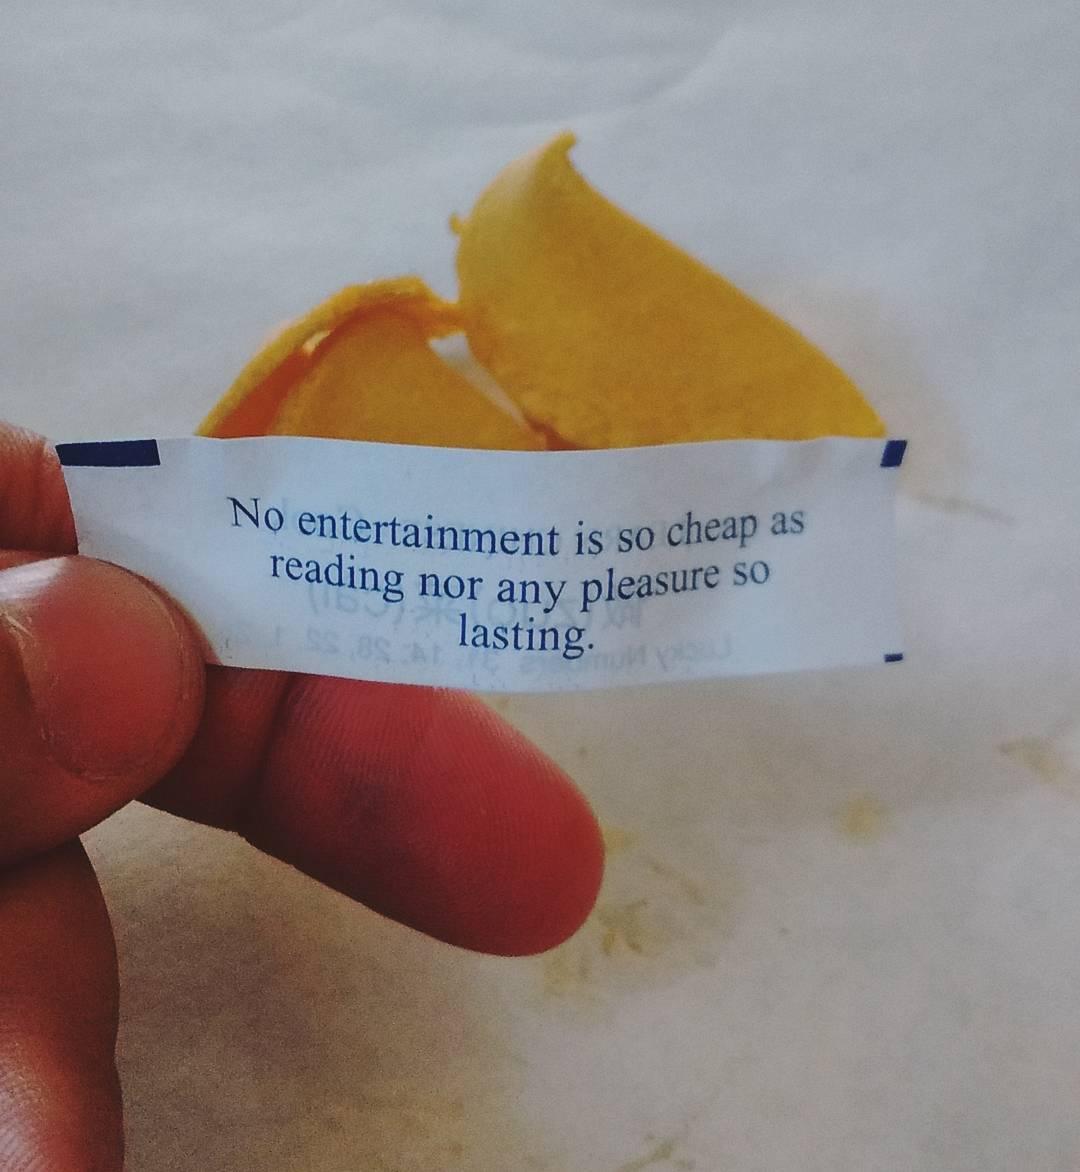 Estos la traen lunga, viejo. Para el que no lo sepa, el 5 de junio cumplo años... Guiño, guiño diría #LaMirtha  #ChinaTown #NYC #Vacations #Reading #Books #FortuneCookie